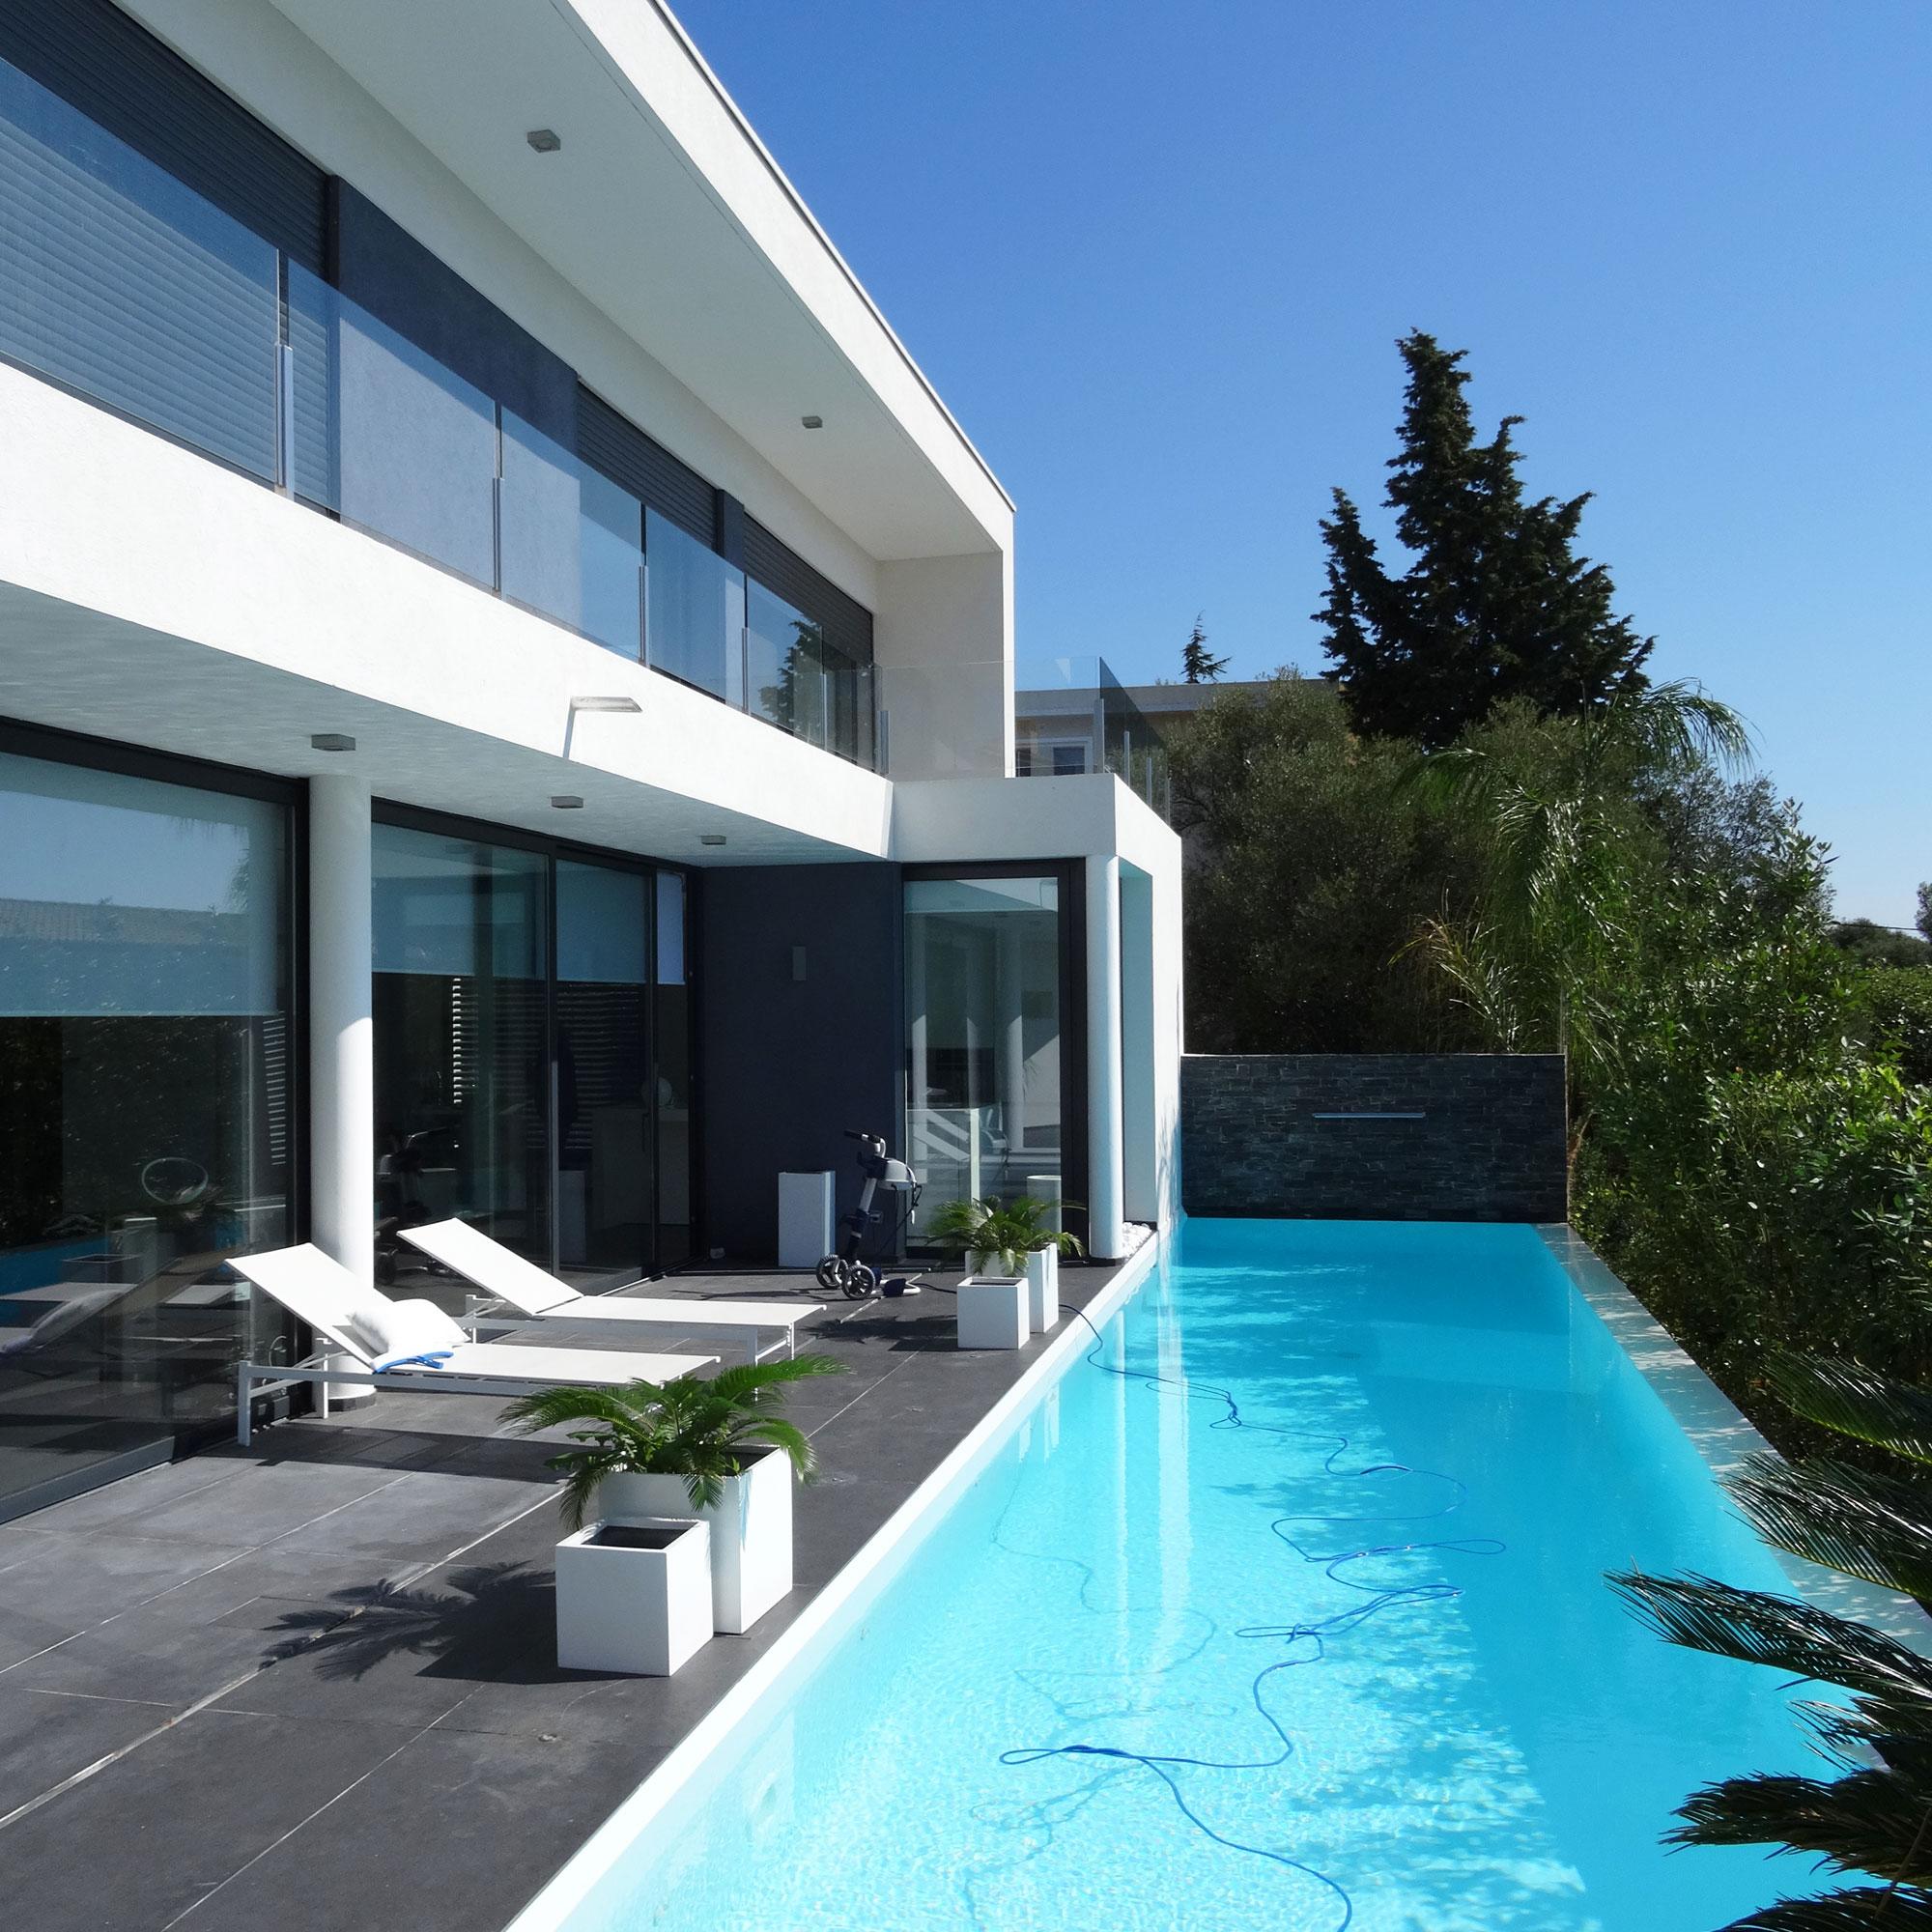 Cr ation et r alisation d 39 une maison contemporaine avec for Maison moderne 83